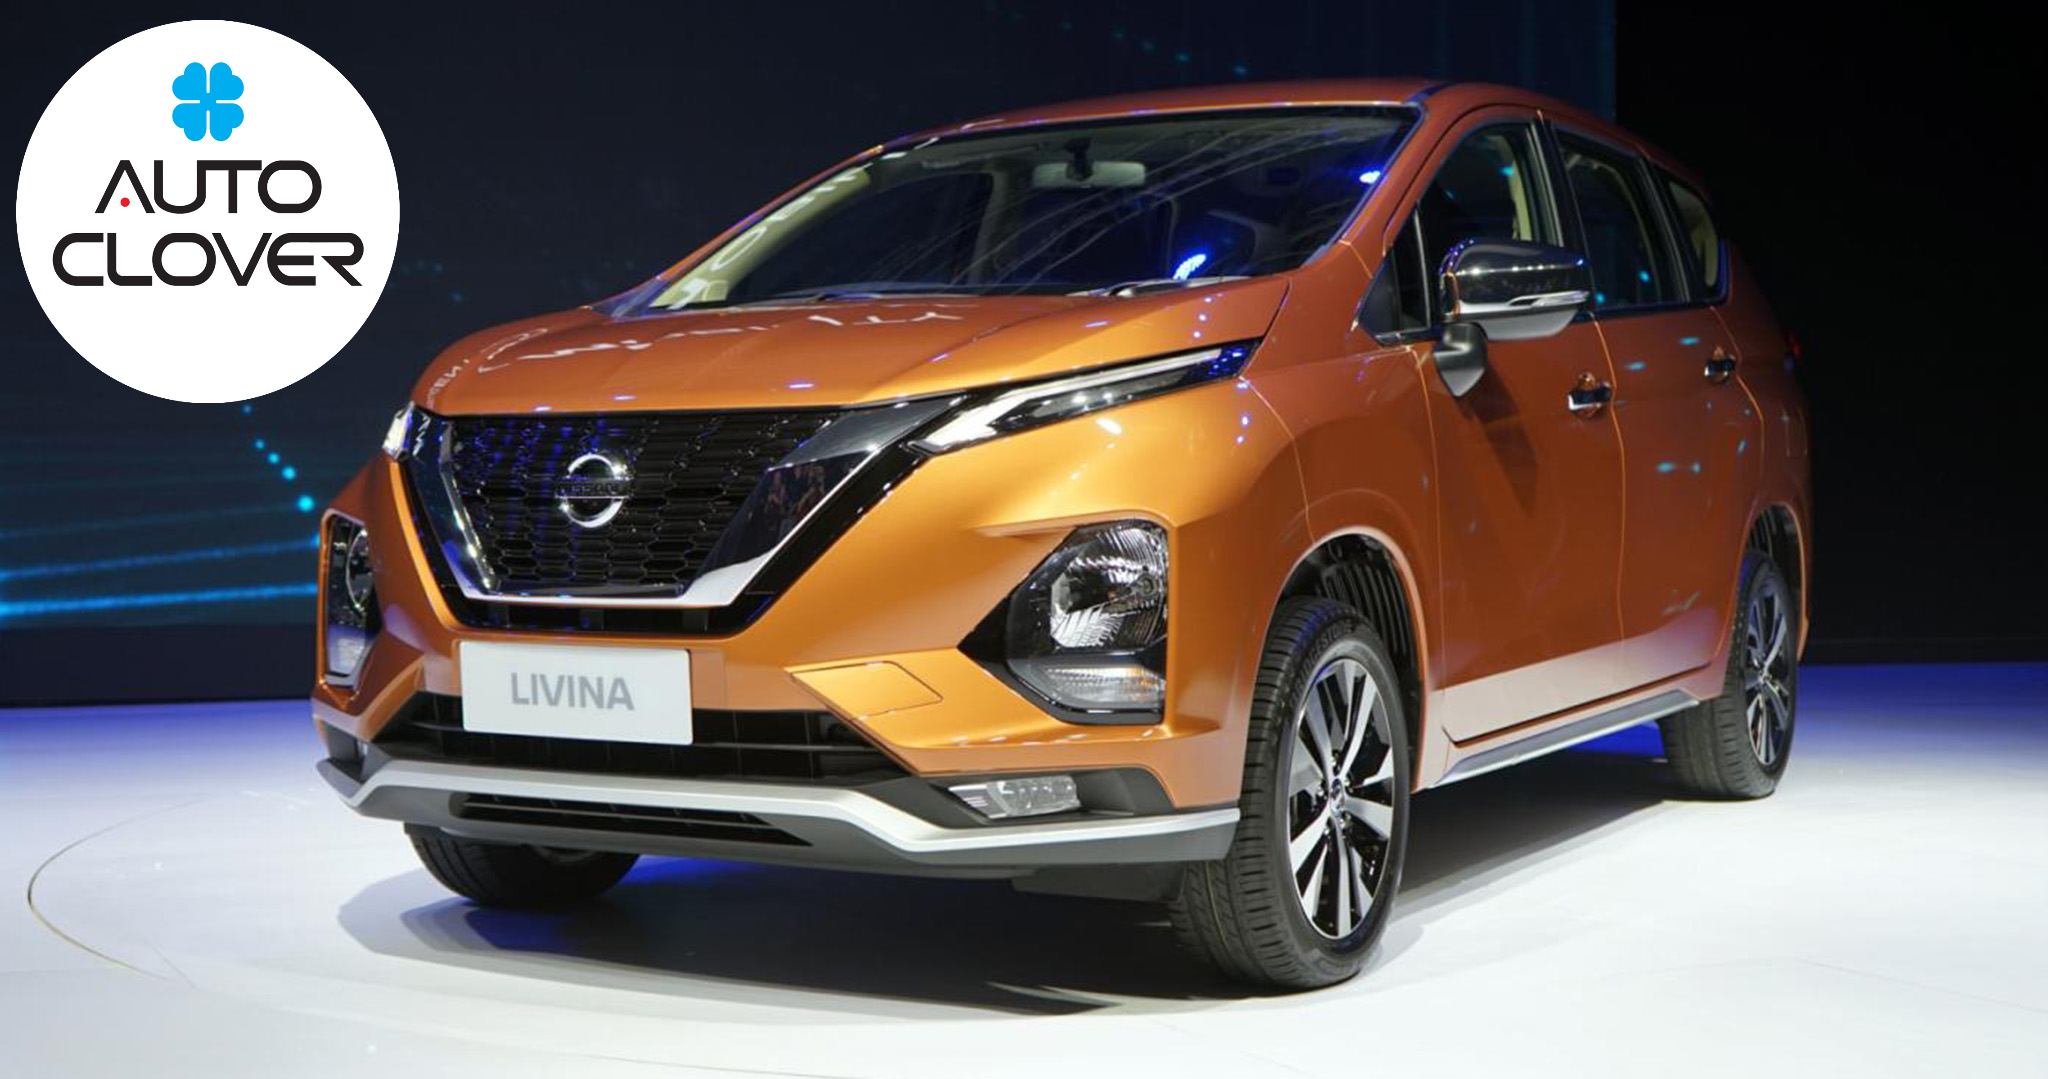 Nissan Livina sở hữu động cơ xăng 4 xi lanh 1.5L. Với công suất đầu ra là 103 mã lực và mô-xen xoắn cực đại là 141 Nm. Đi kèm theo đó là số sàn 5 cấp và hệ số tự động 4 cấp.